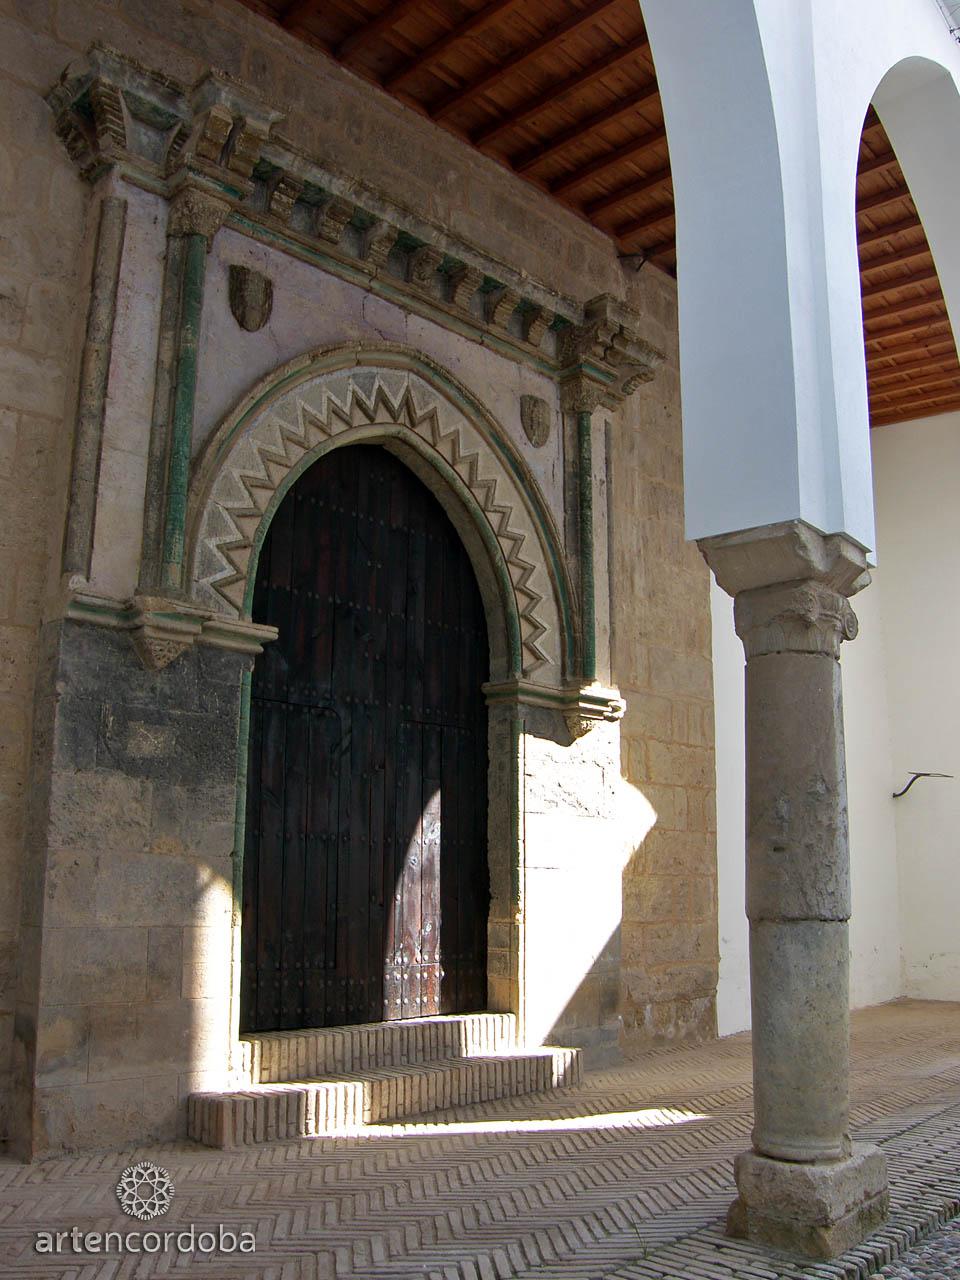 Portada de la capilla Mudéjar de San Bartolomé vista desde el patio